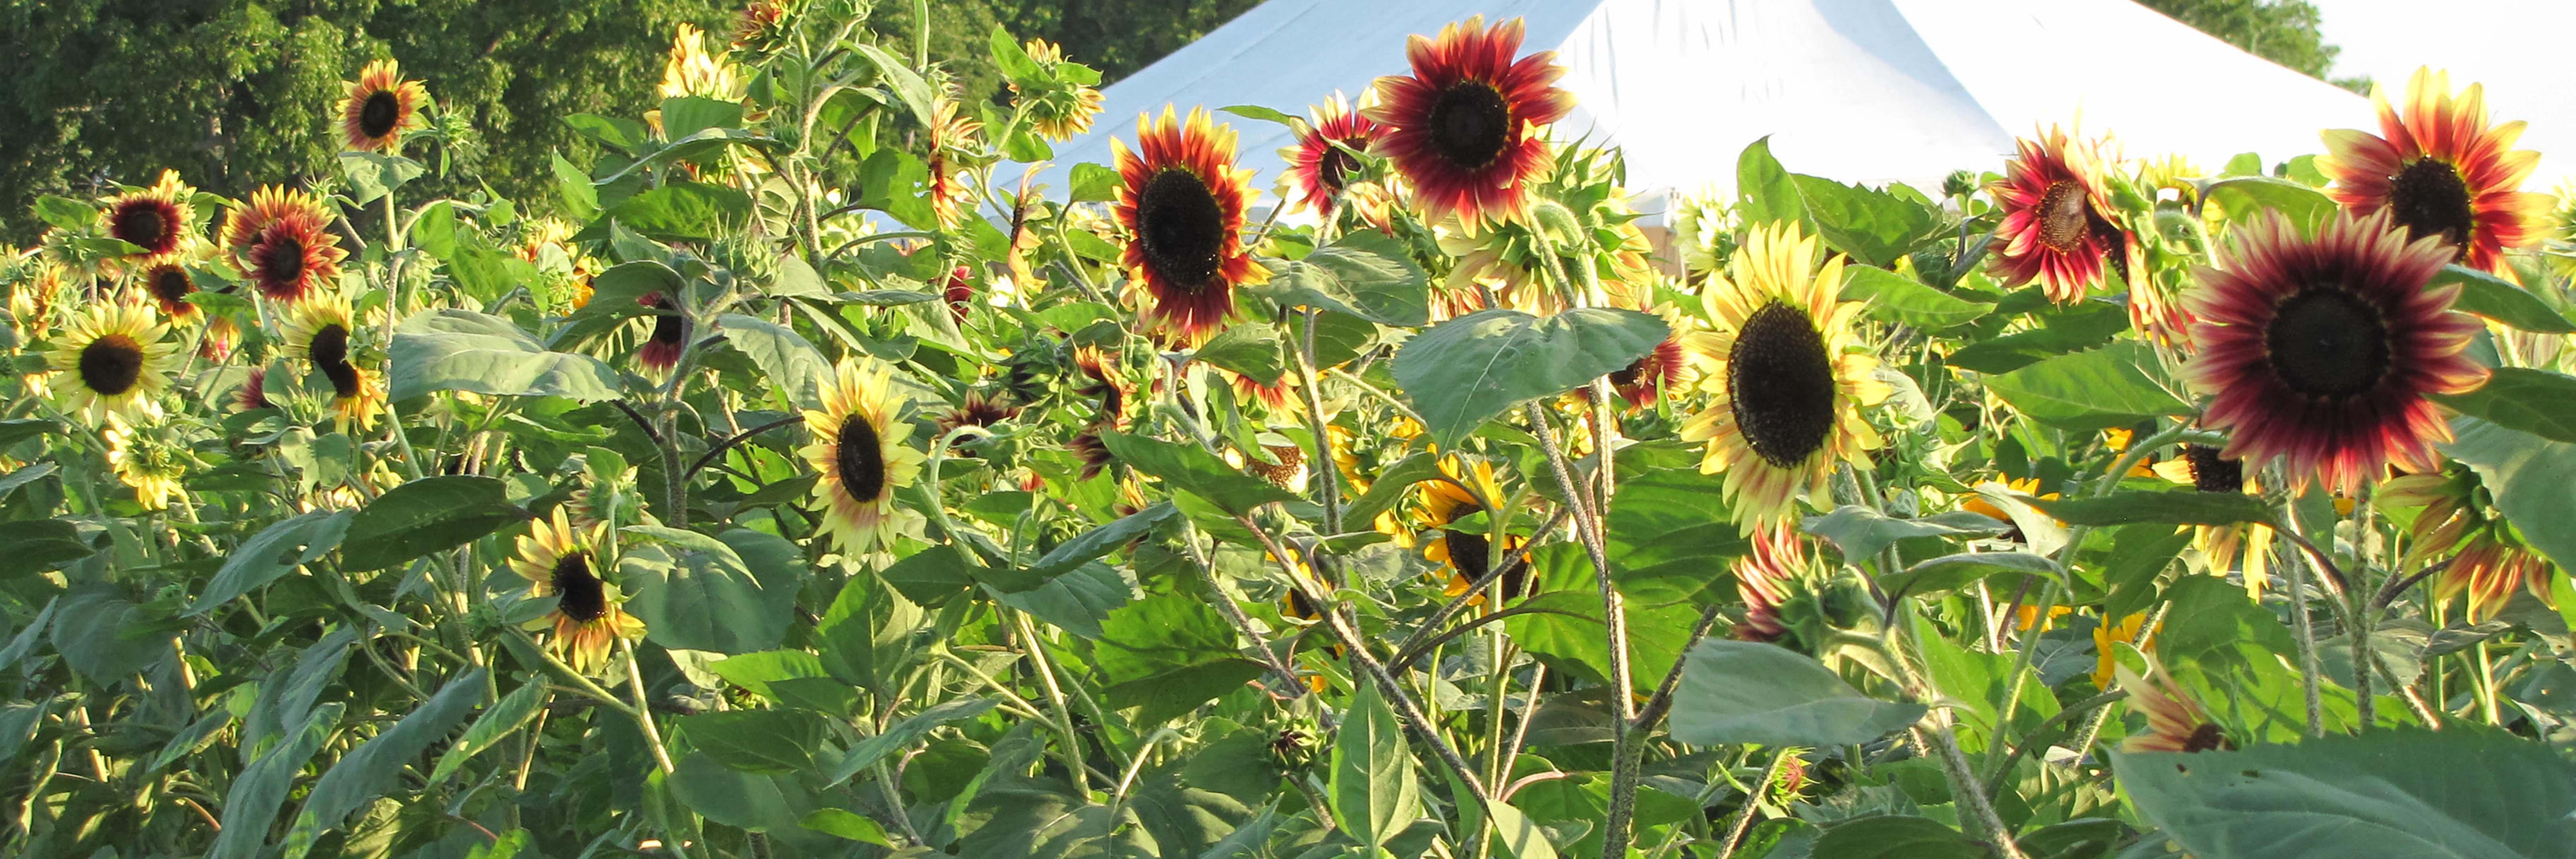 Celebration of Sunflowers-Horizontal